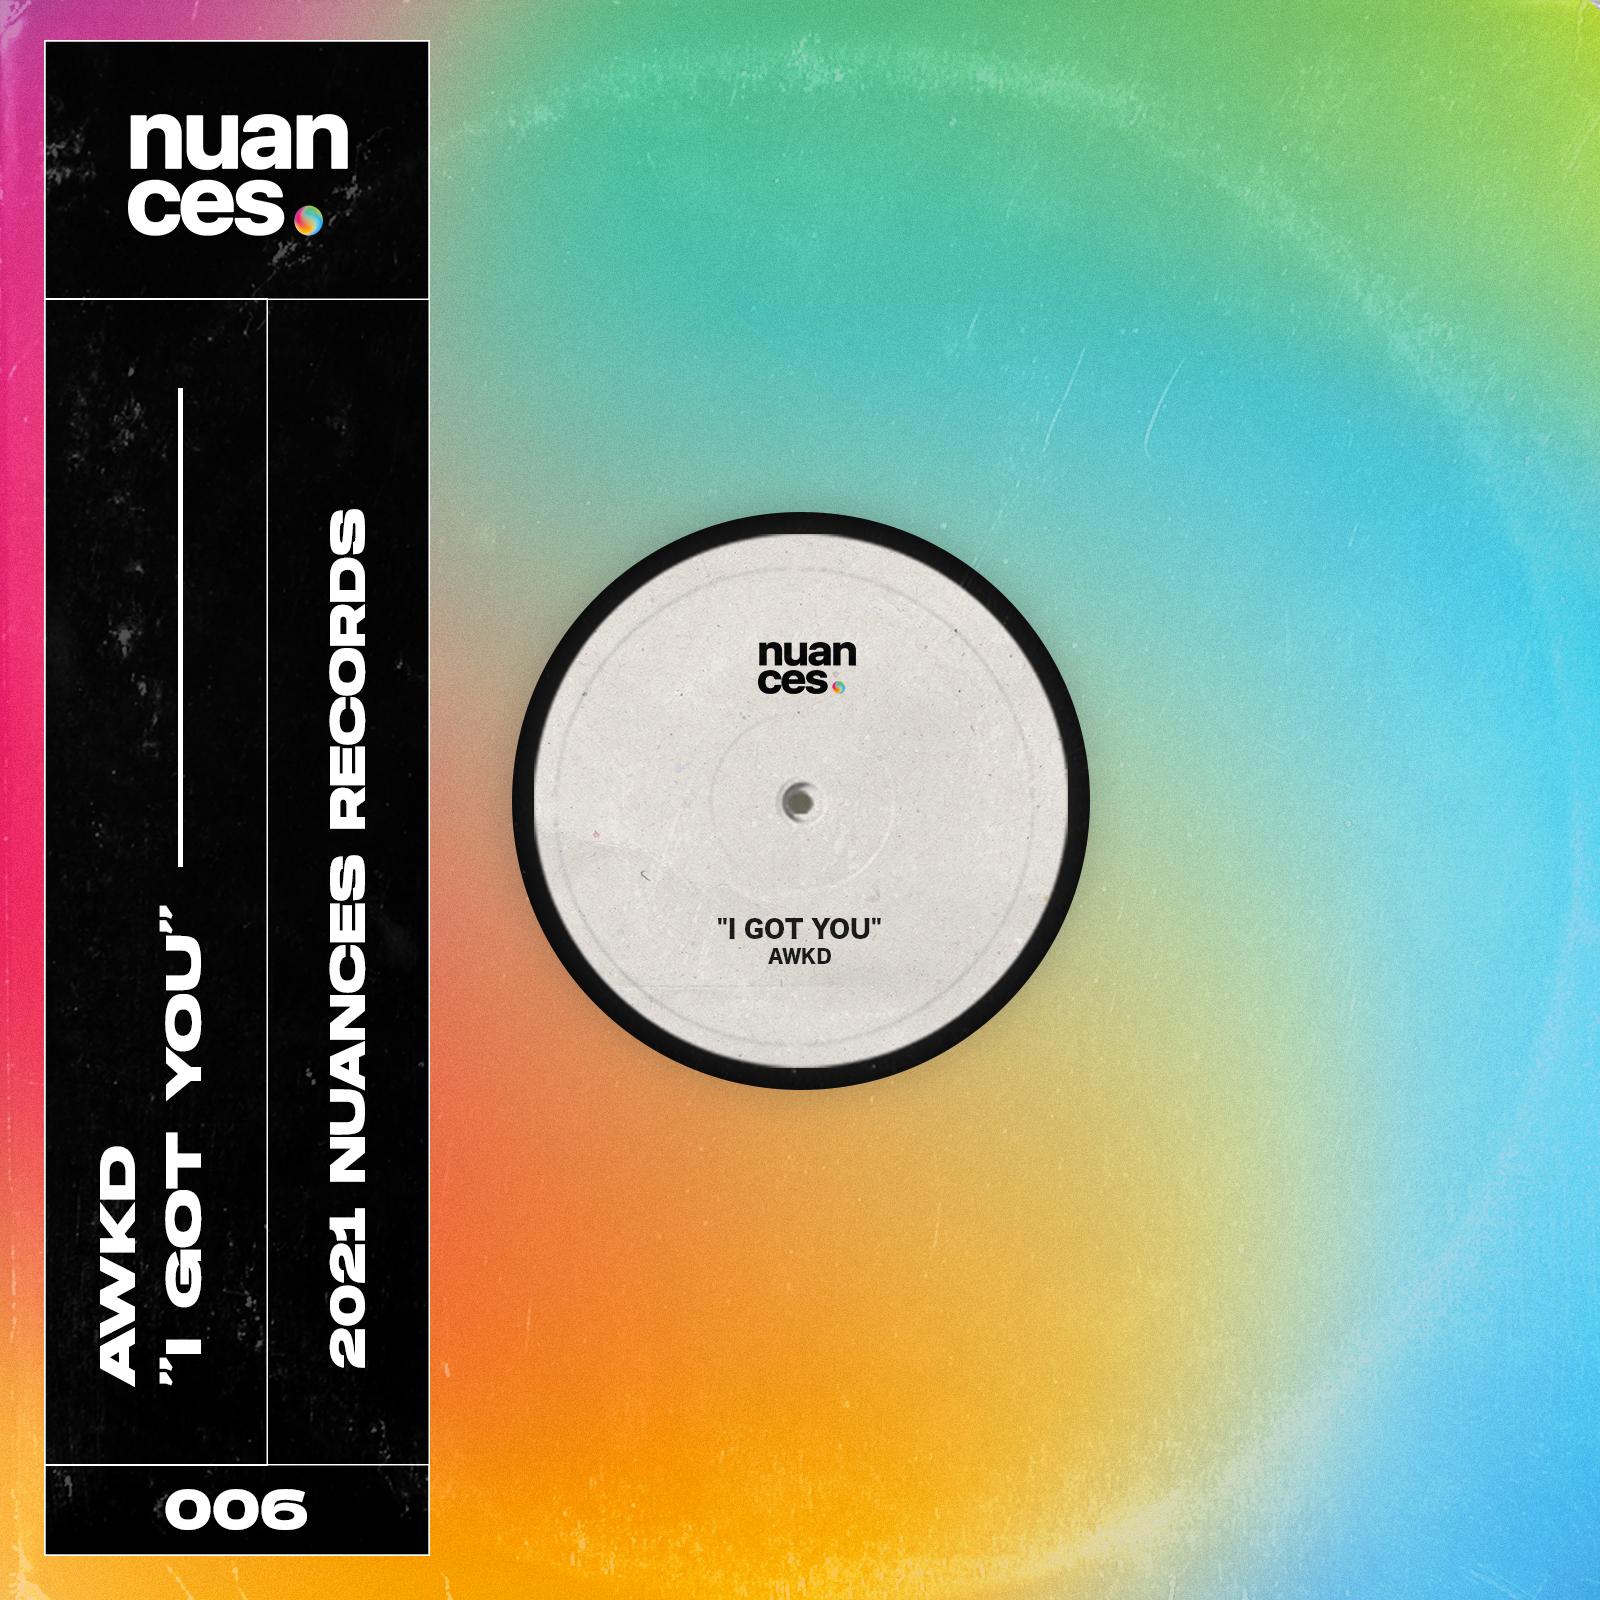 AWKD I Got You Nuances Records